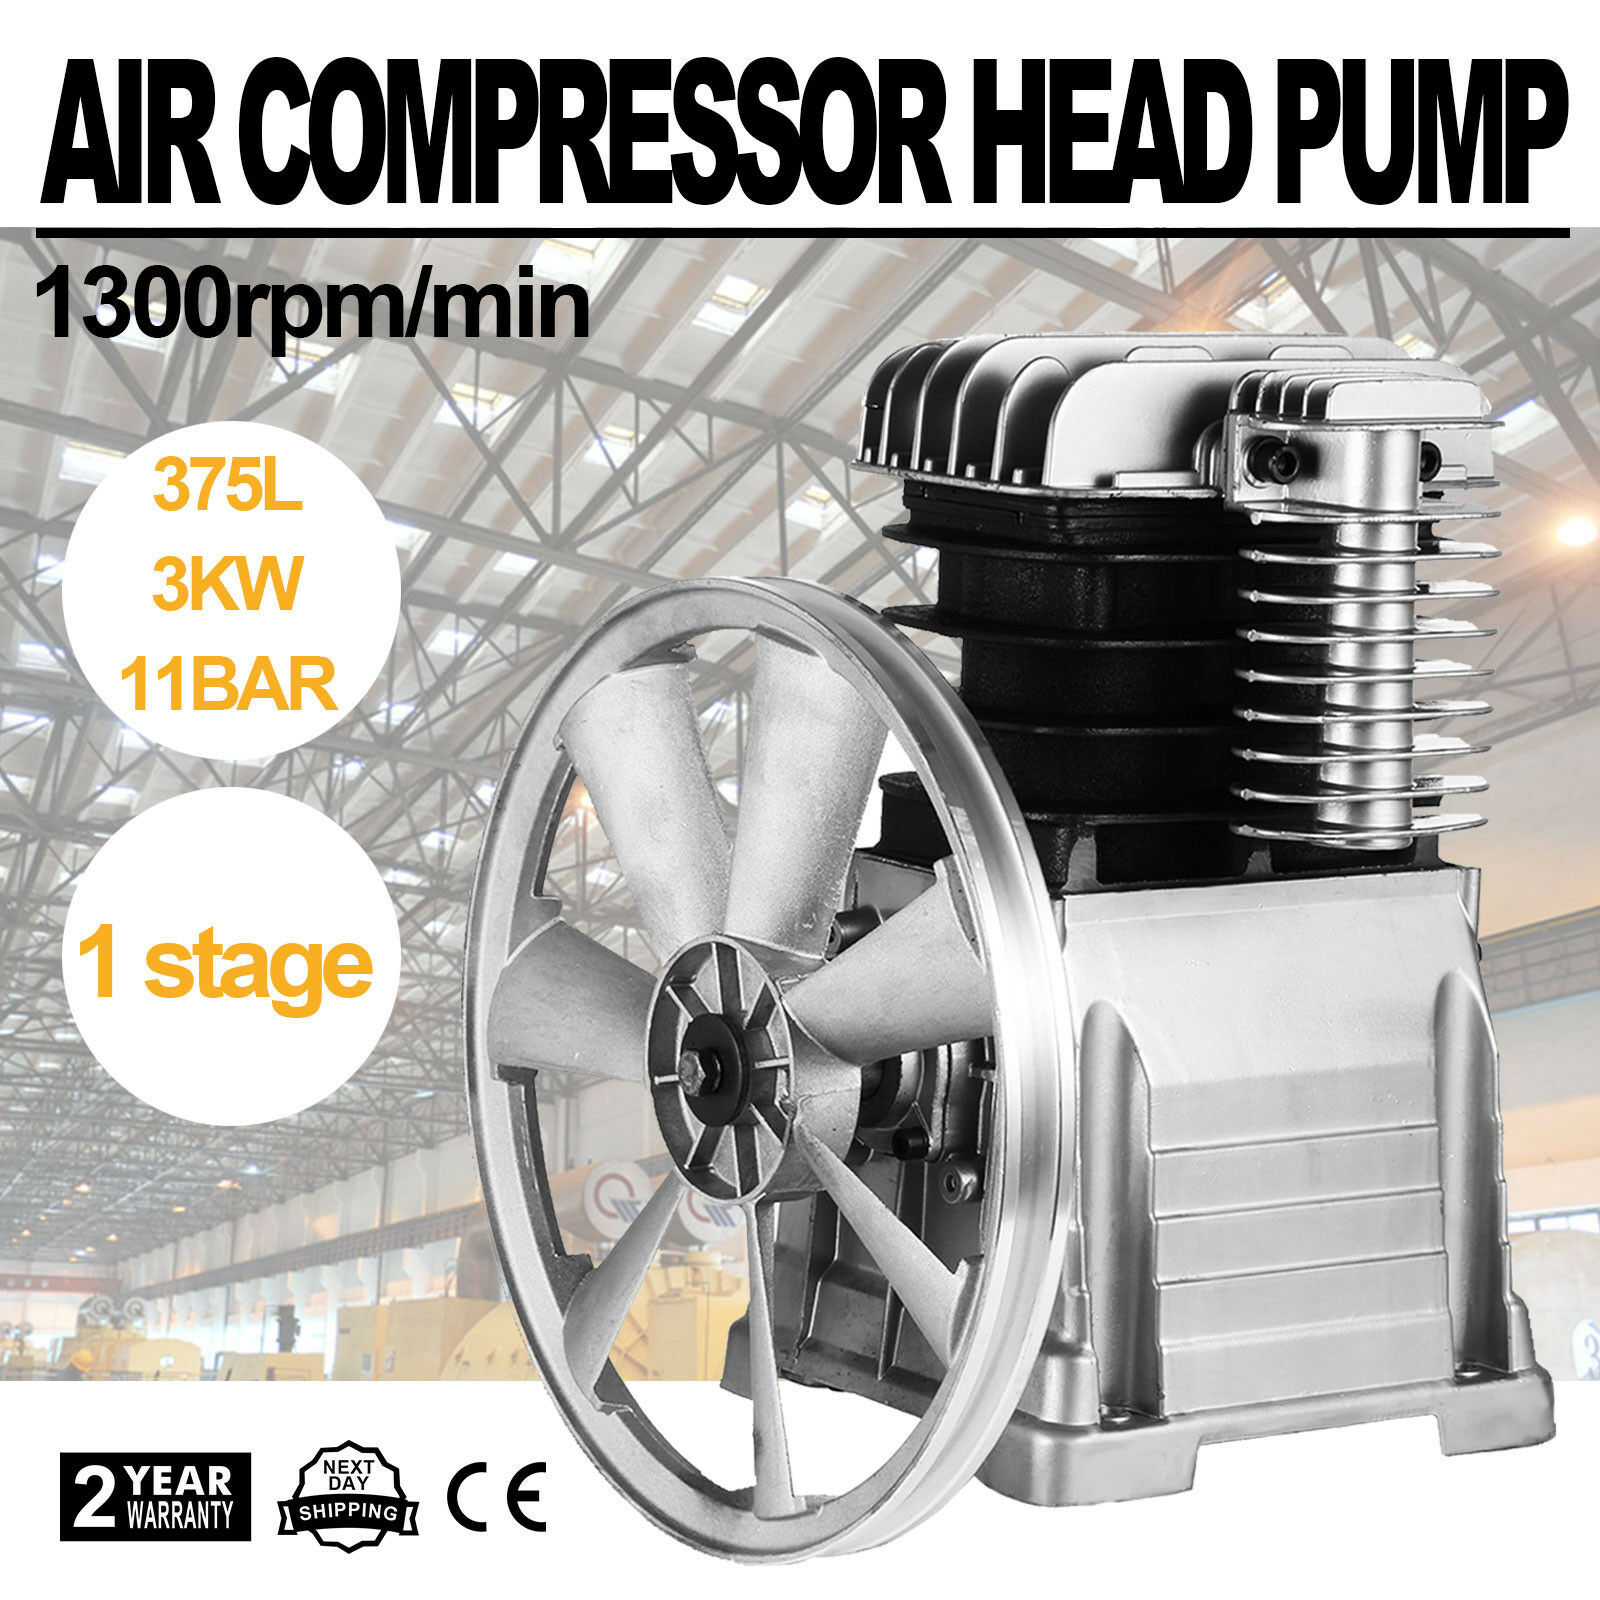 Air Compressor Pump 3HP 11.8CFM Air Compressor Head Pump 115PSI Single Stage Twin Cylinder Aluminum Air Compressor Head Piston